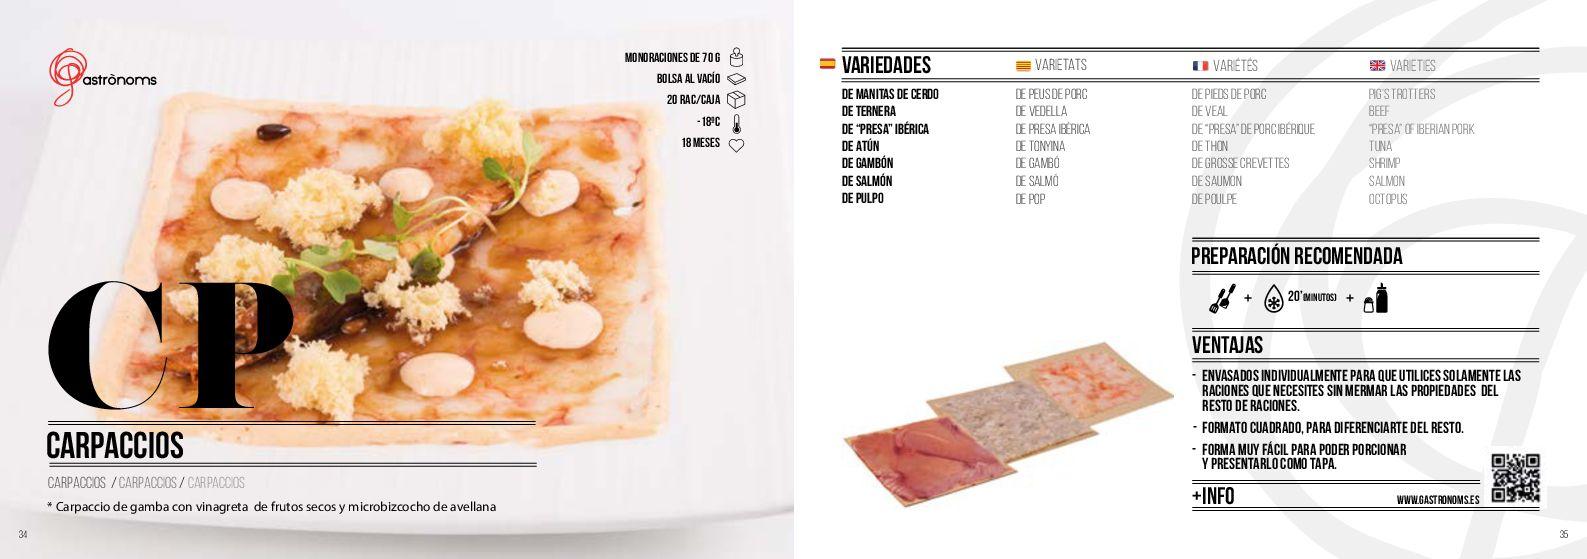 gastronoms - Pàg. 018